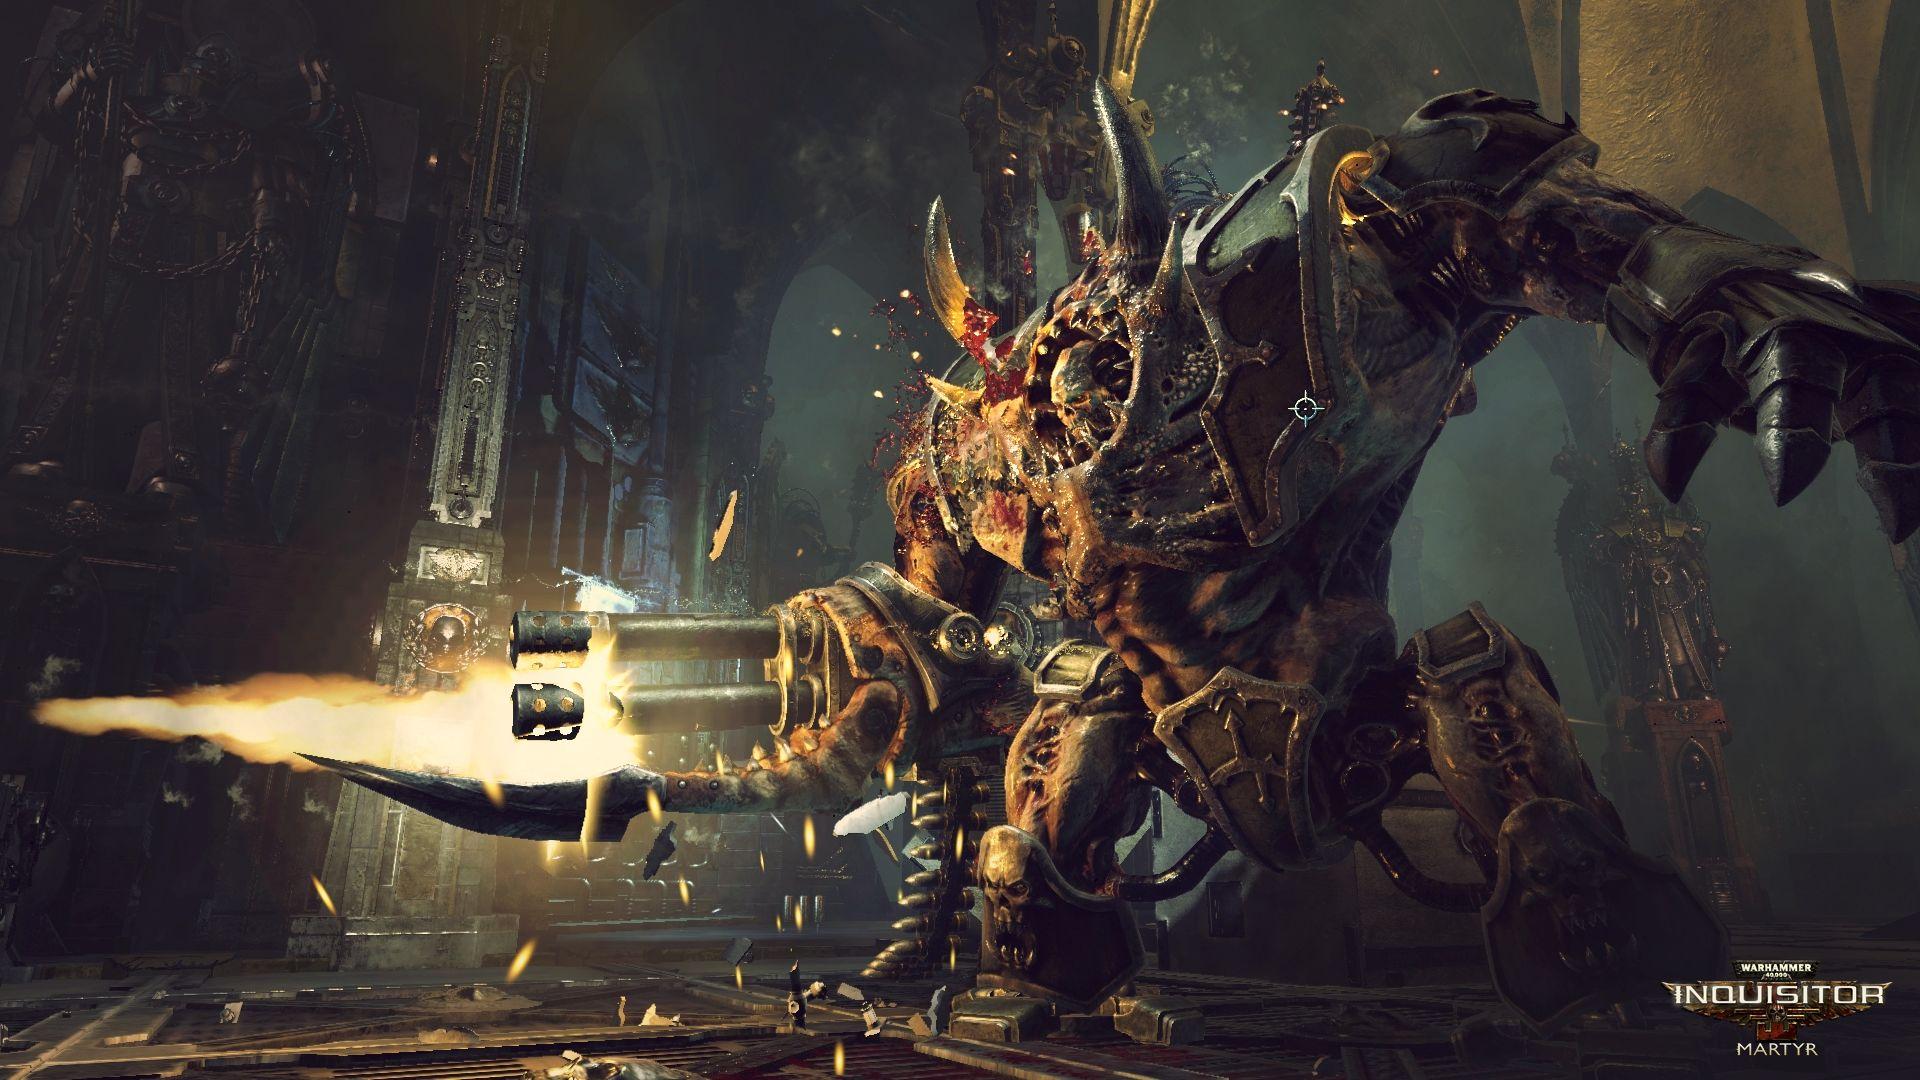 warhammer-40k-inquisitor-martyr_02